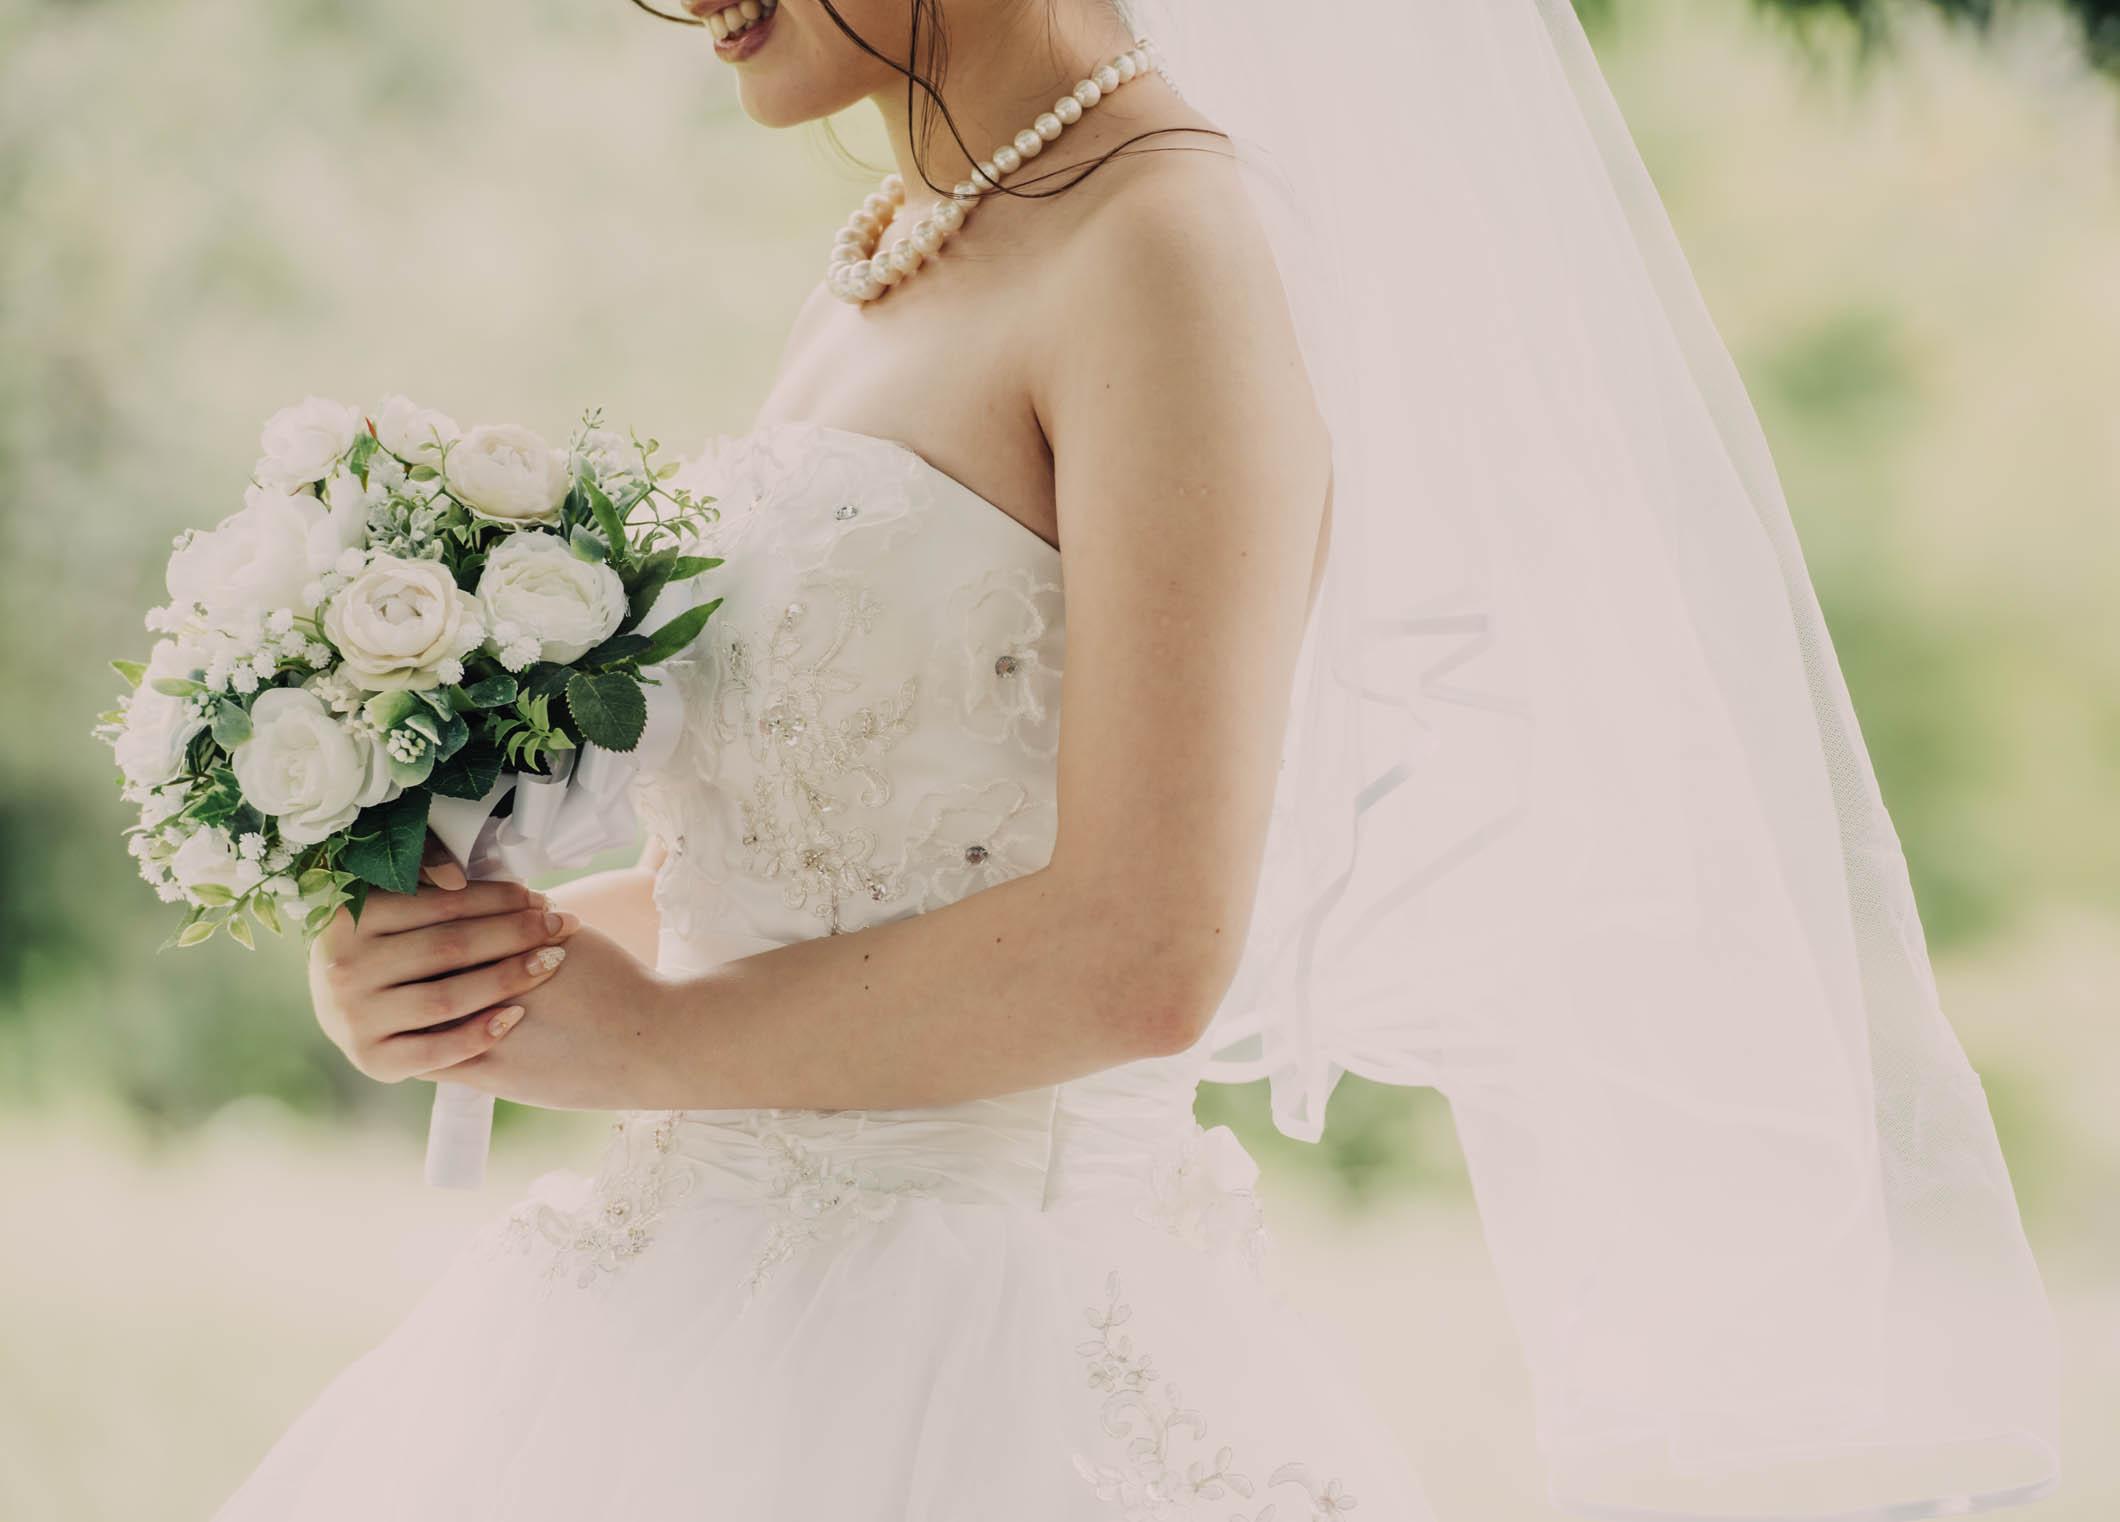 【静岡市】結婚指輪のデザイン♡縁起の良い∞モチーフ